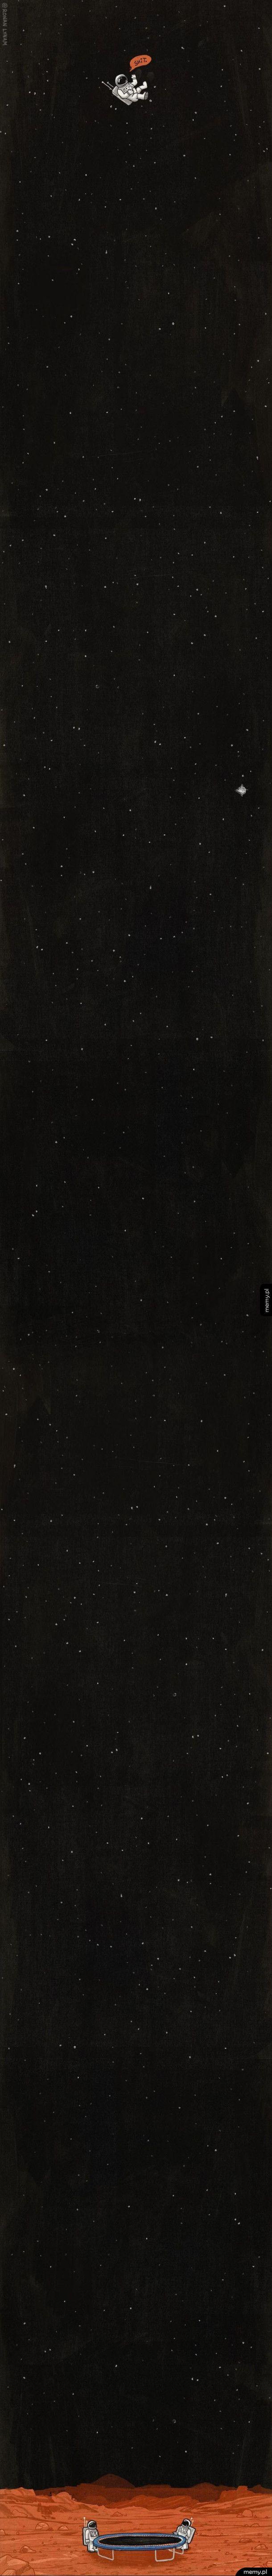 Trampolina w kosmosie to bardzo zły pomysł